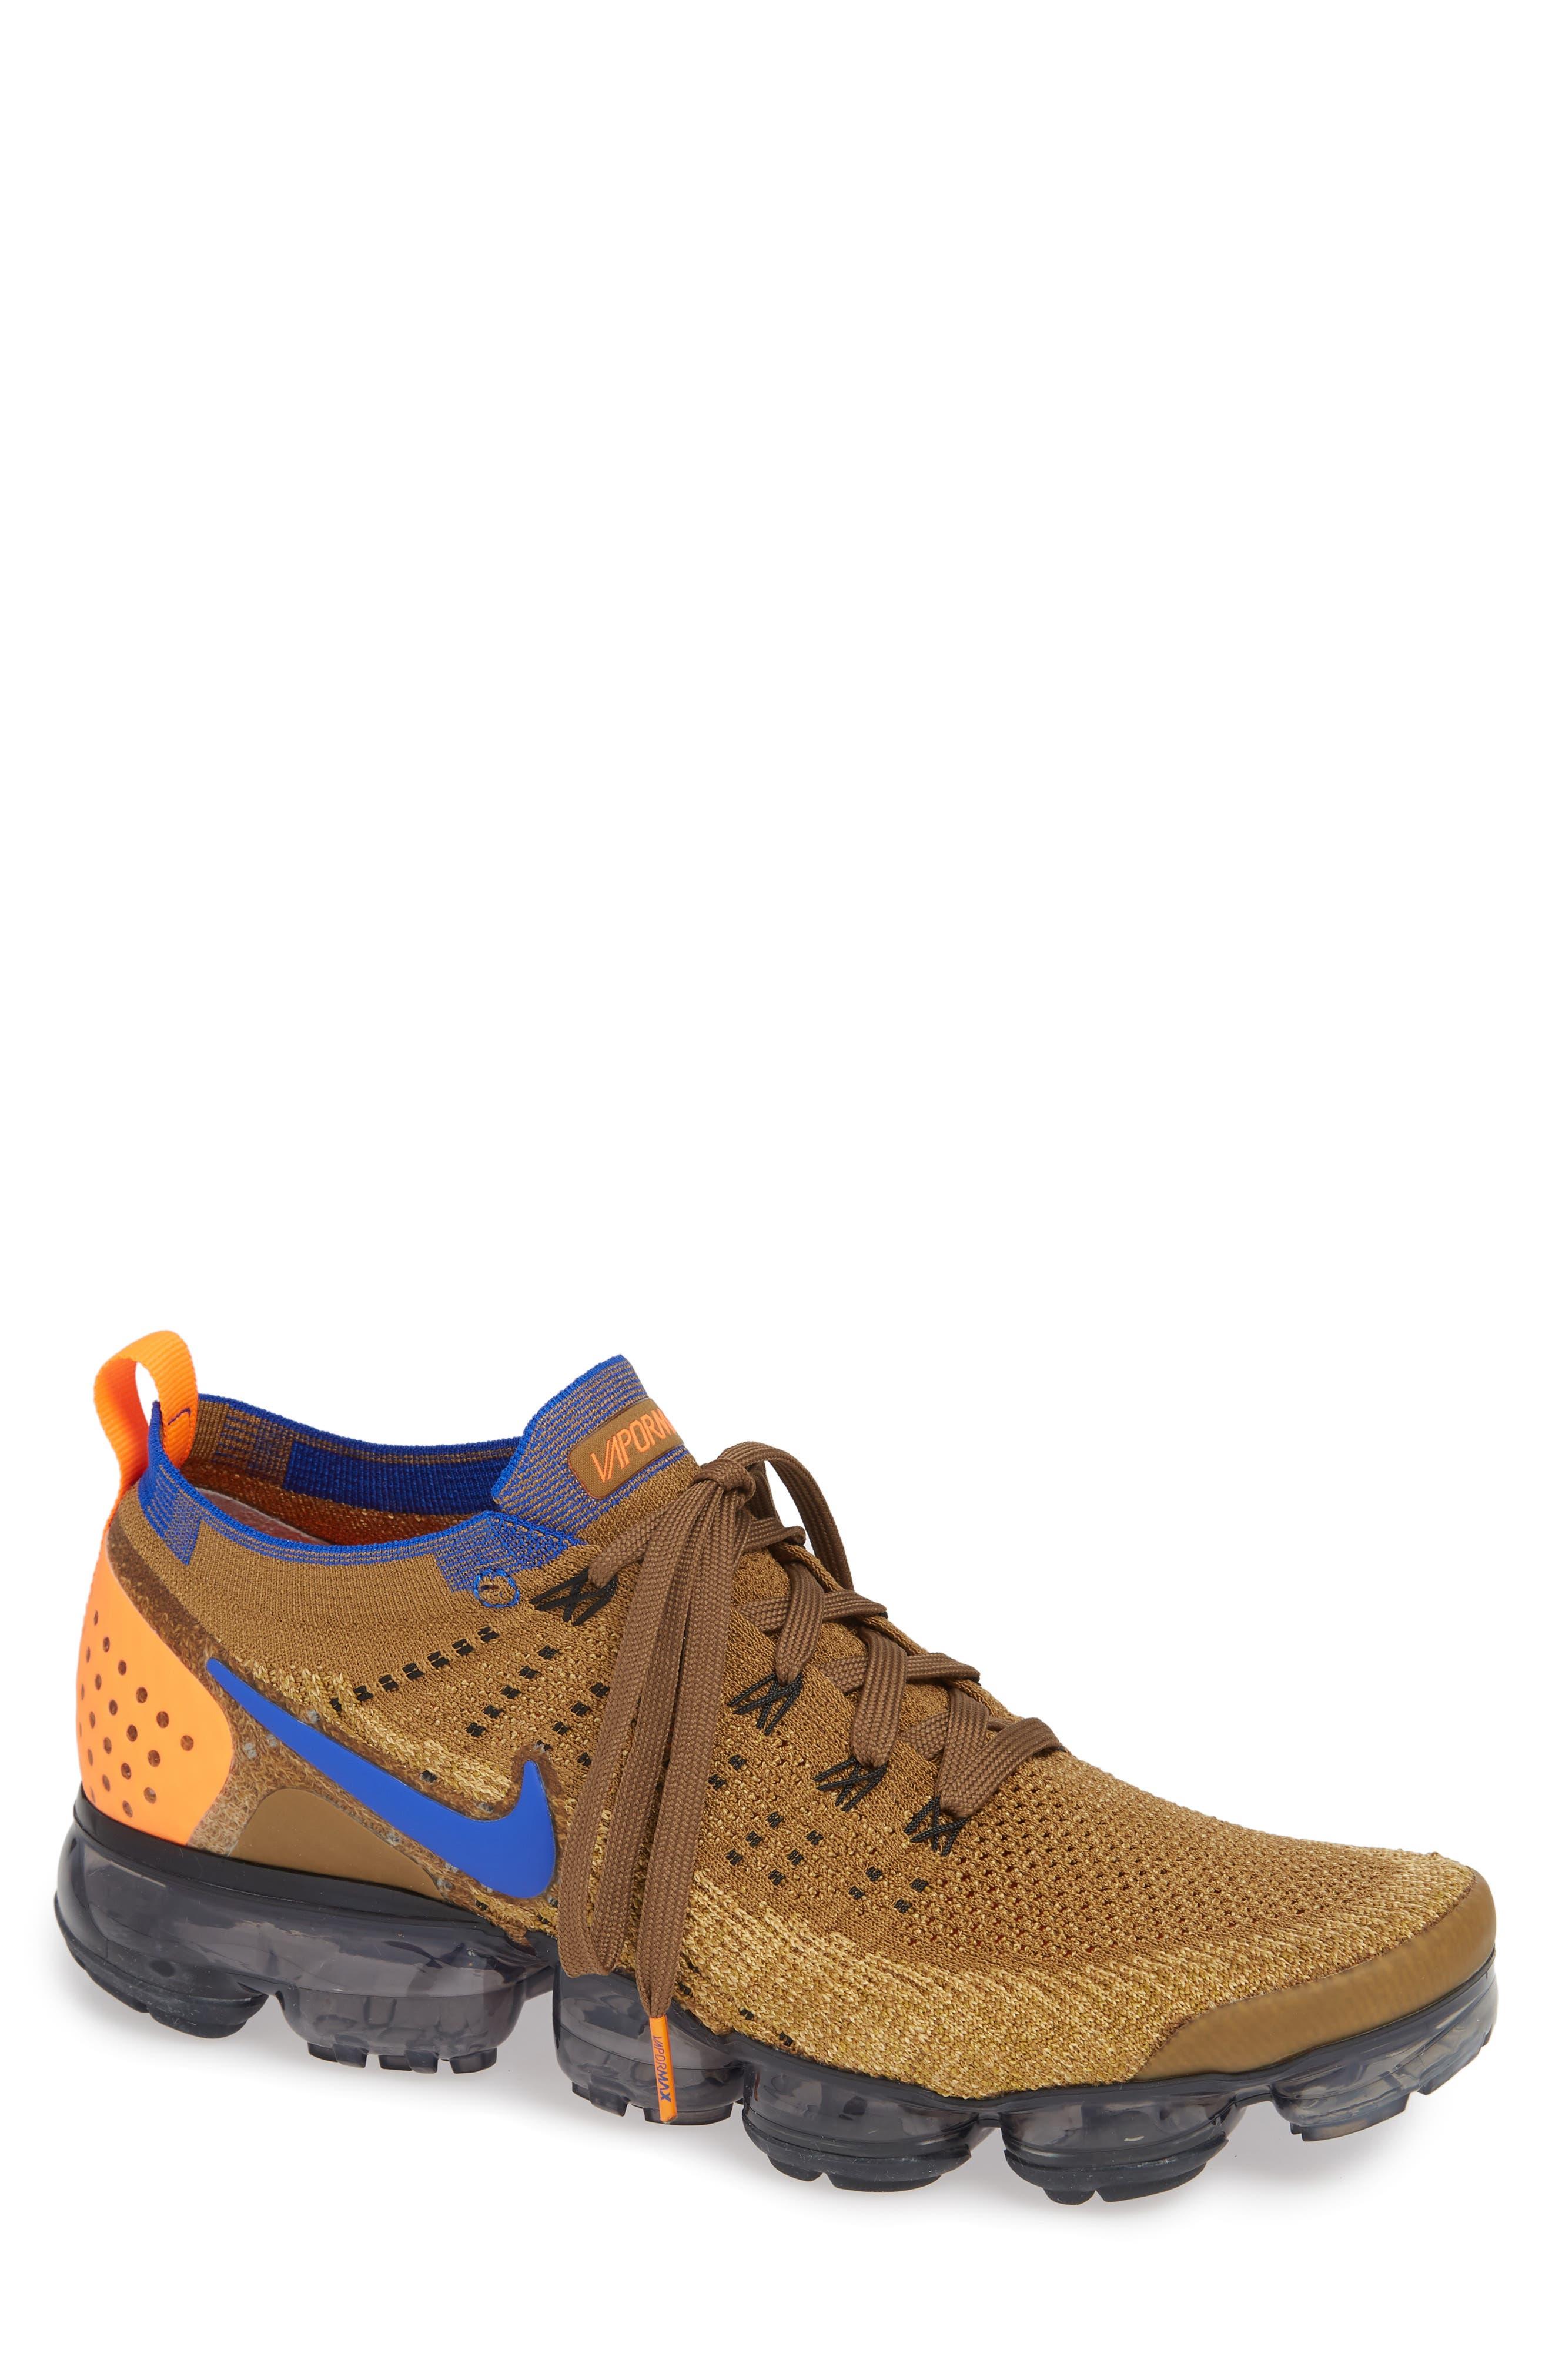 Air Vapormax Flyknit 2 Running Shoe,                         Main,                         color, GOLDEN BEIGE/ RACER BLUE/ GOLD